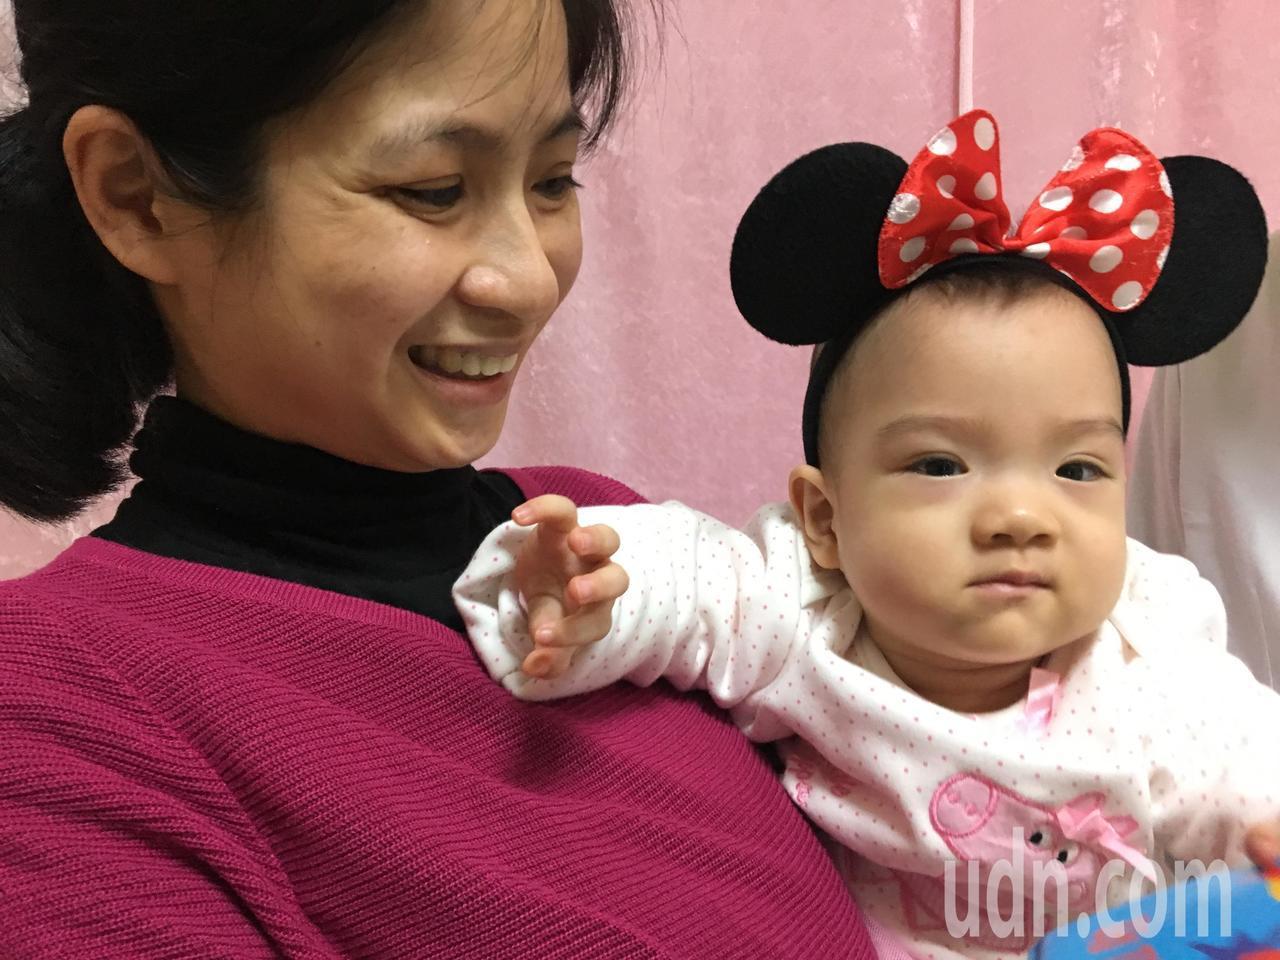 當年出生僅23周大、體重僅610公克的「巴掌仙子」張庭語也在媽媽陪同下「回娘家」...